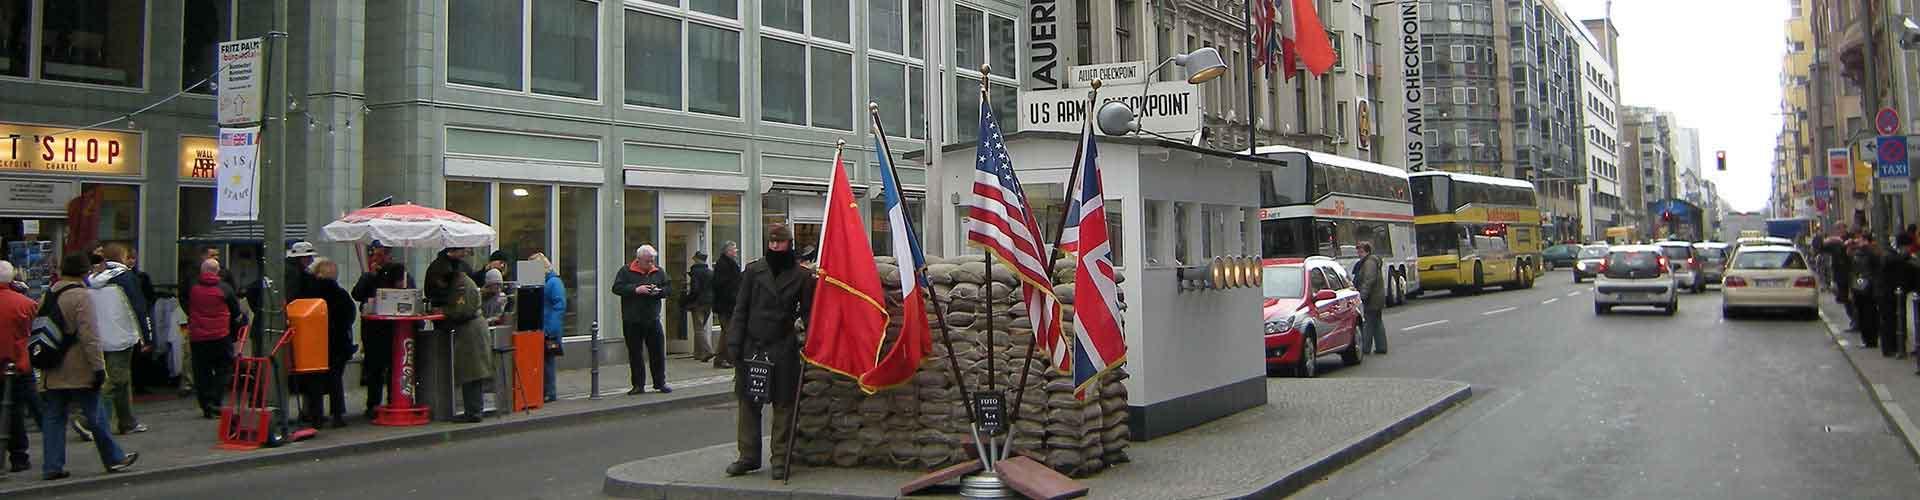 Berlim – Albergues próximos a Checkpoint Charlie. Mapas para Berlim, Fotos e Avaliações para cada Albergue em Berlim.